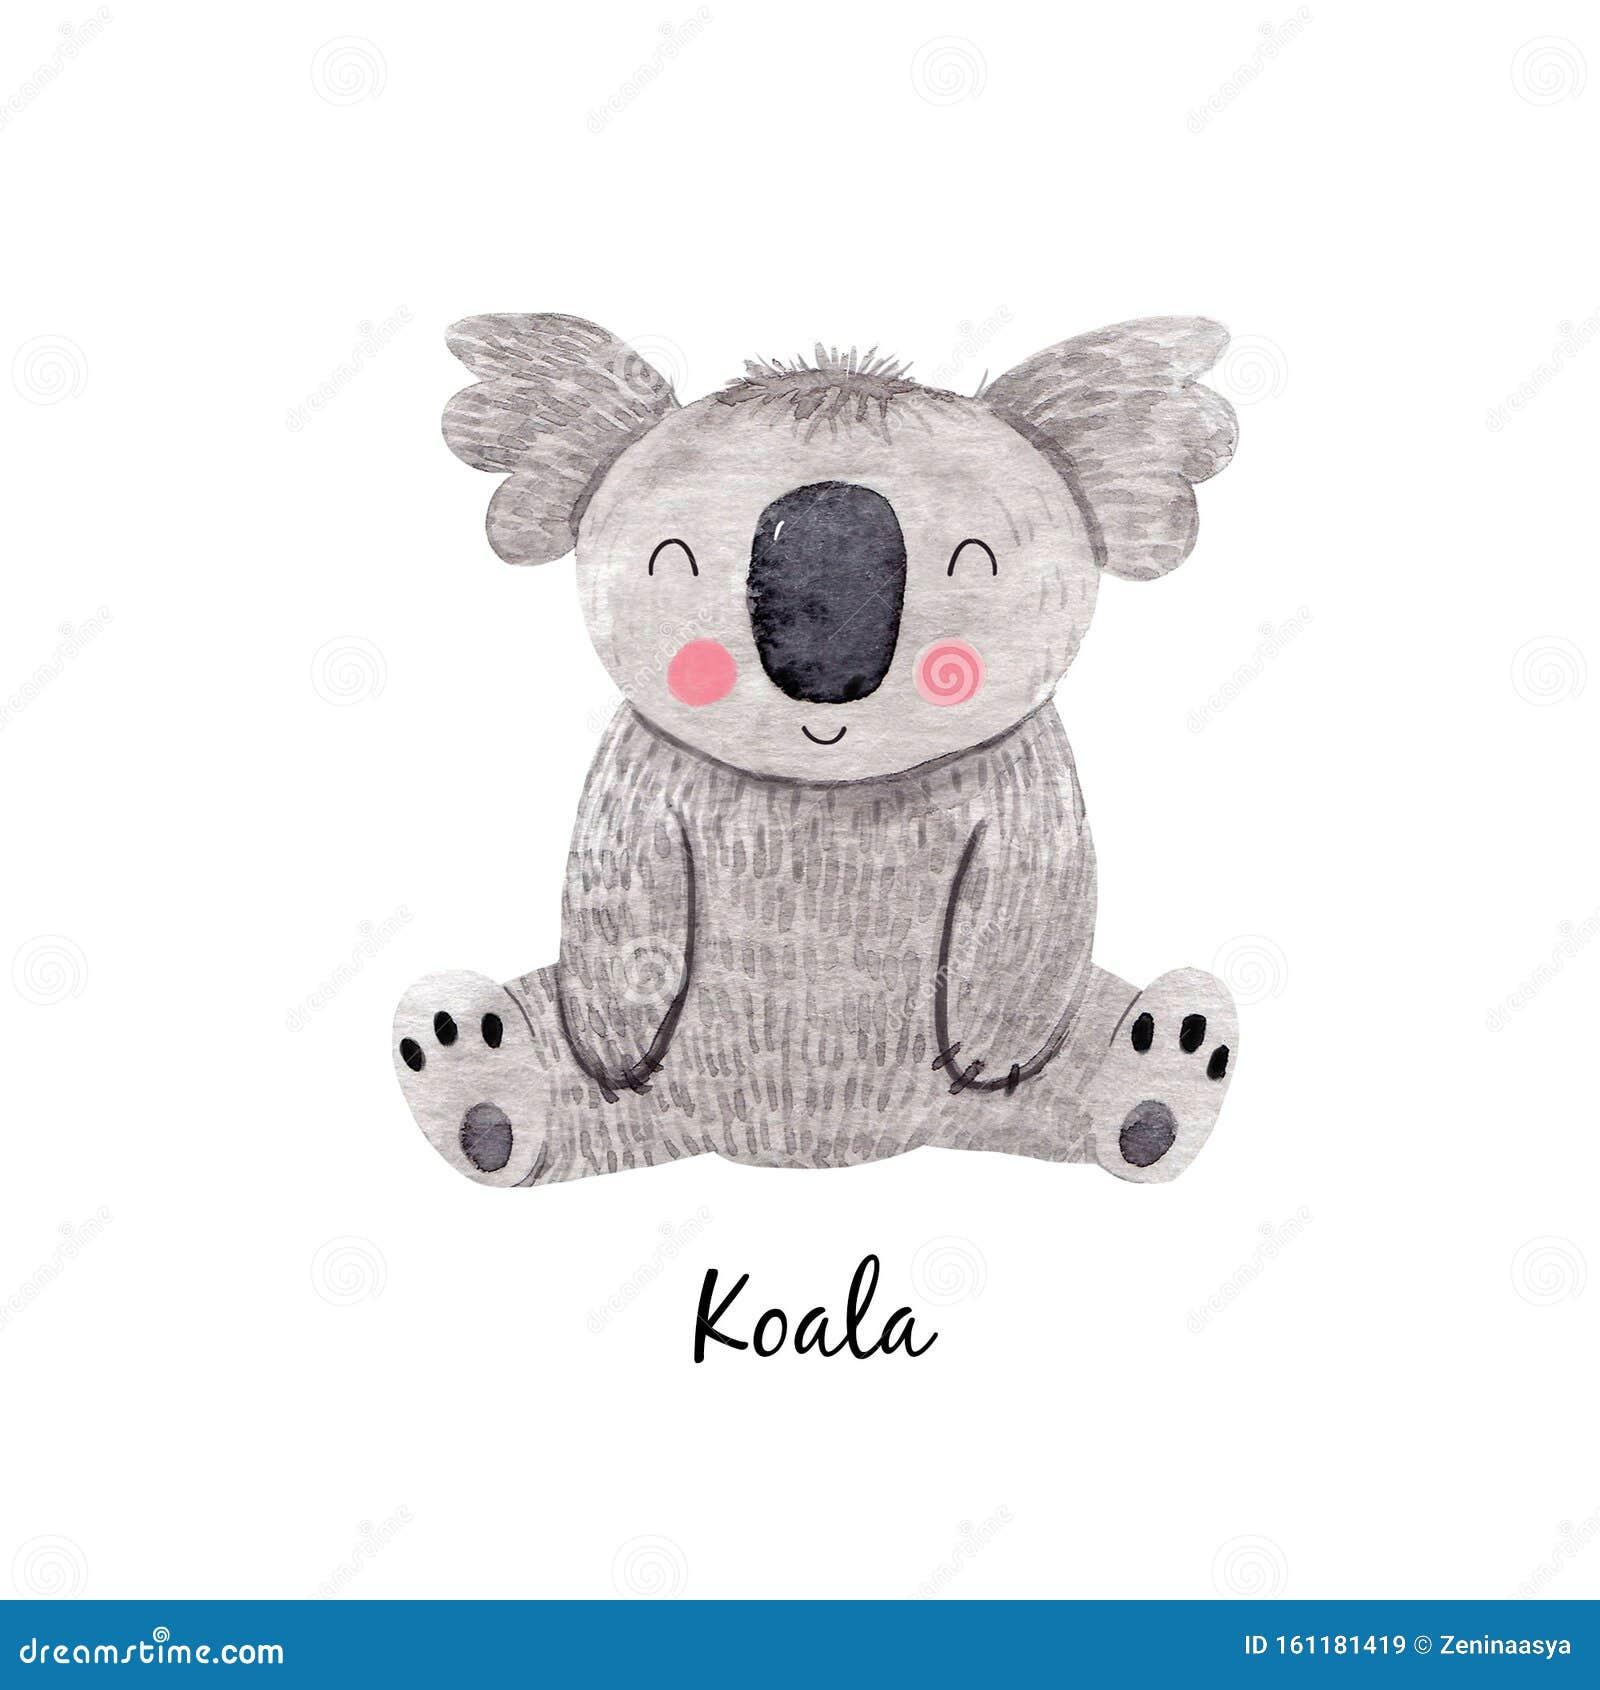 Cute Watercolor Australian Baby Koala Bear Illustration For